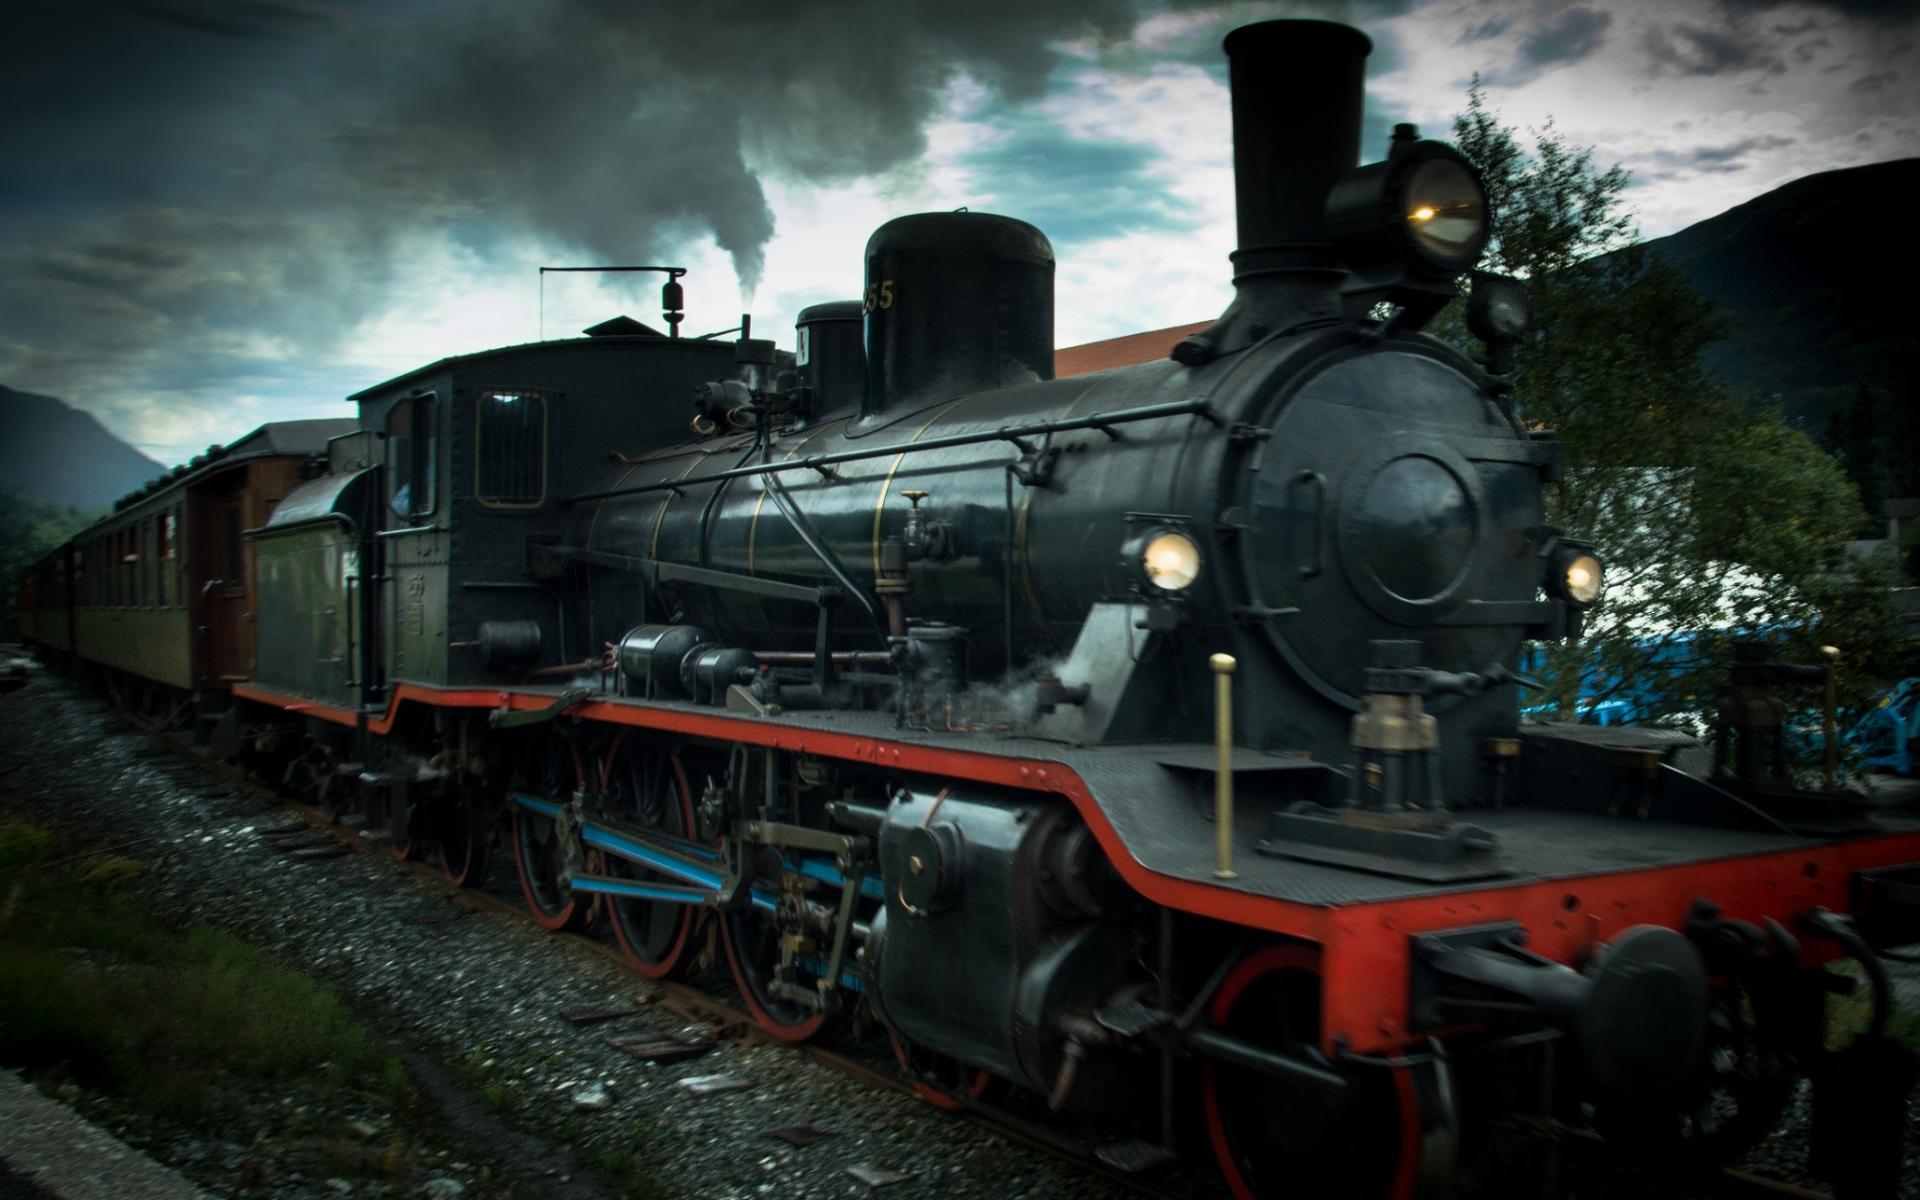 1920x1200 trains steam - photo #21